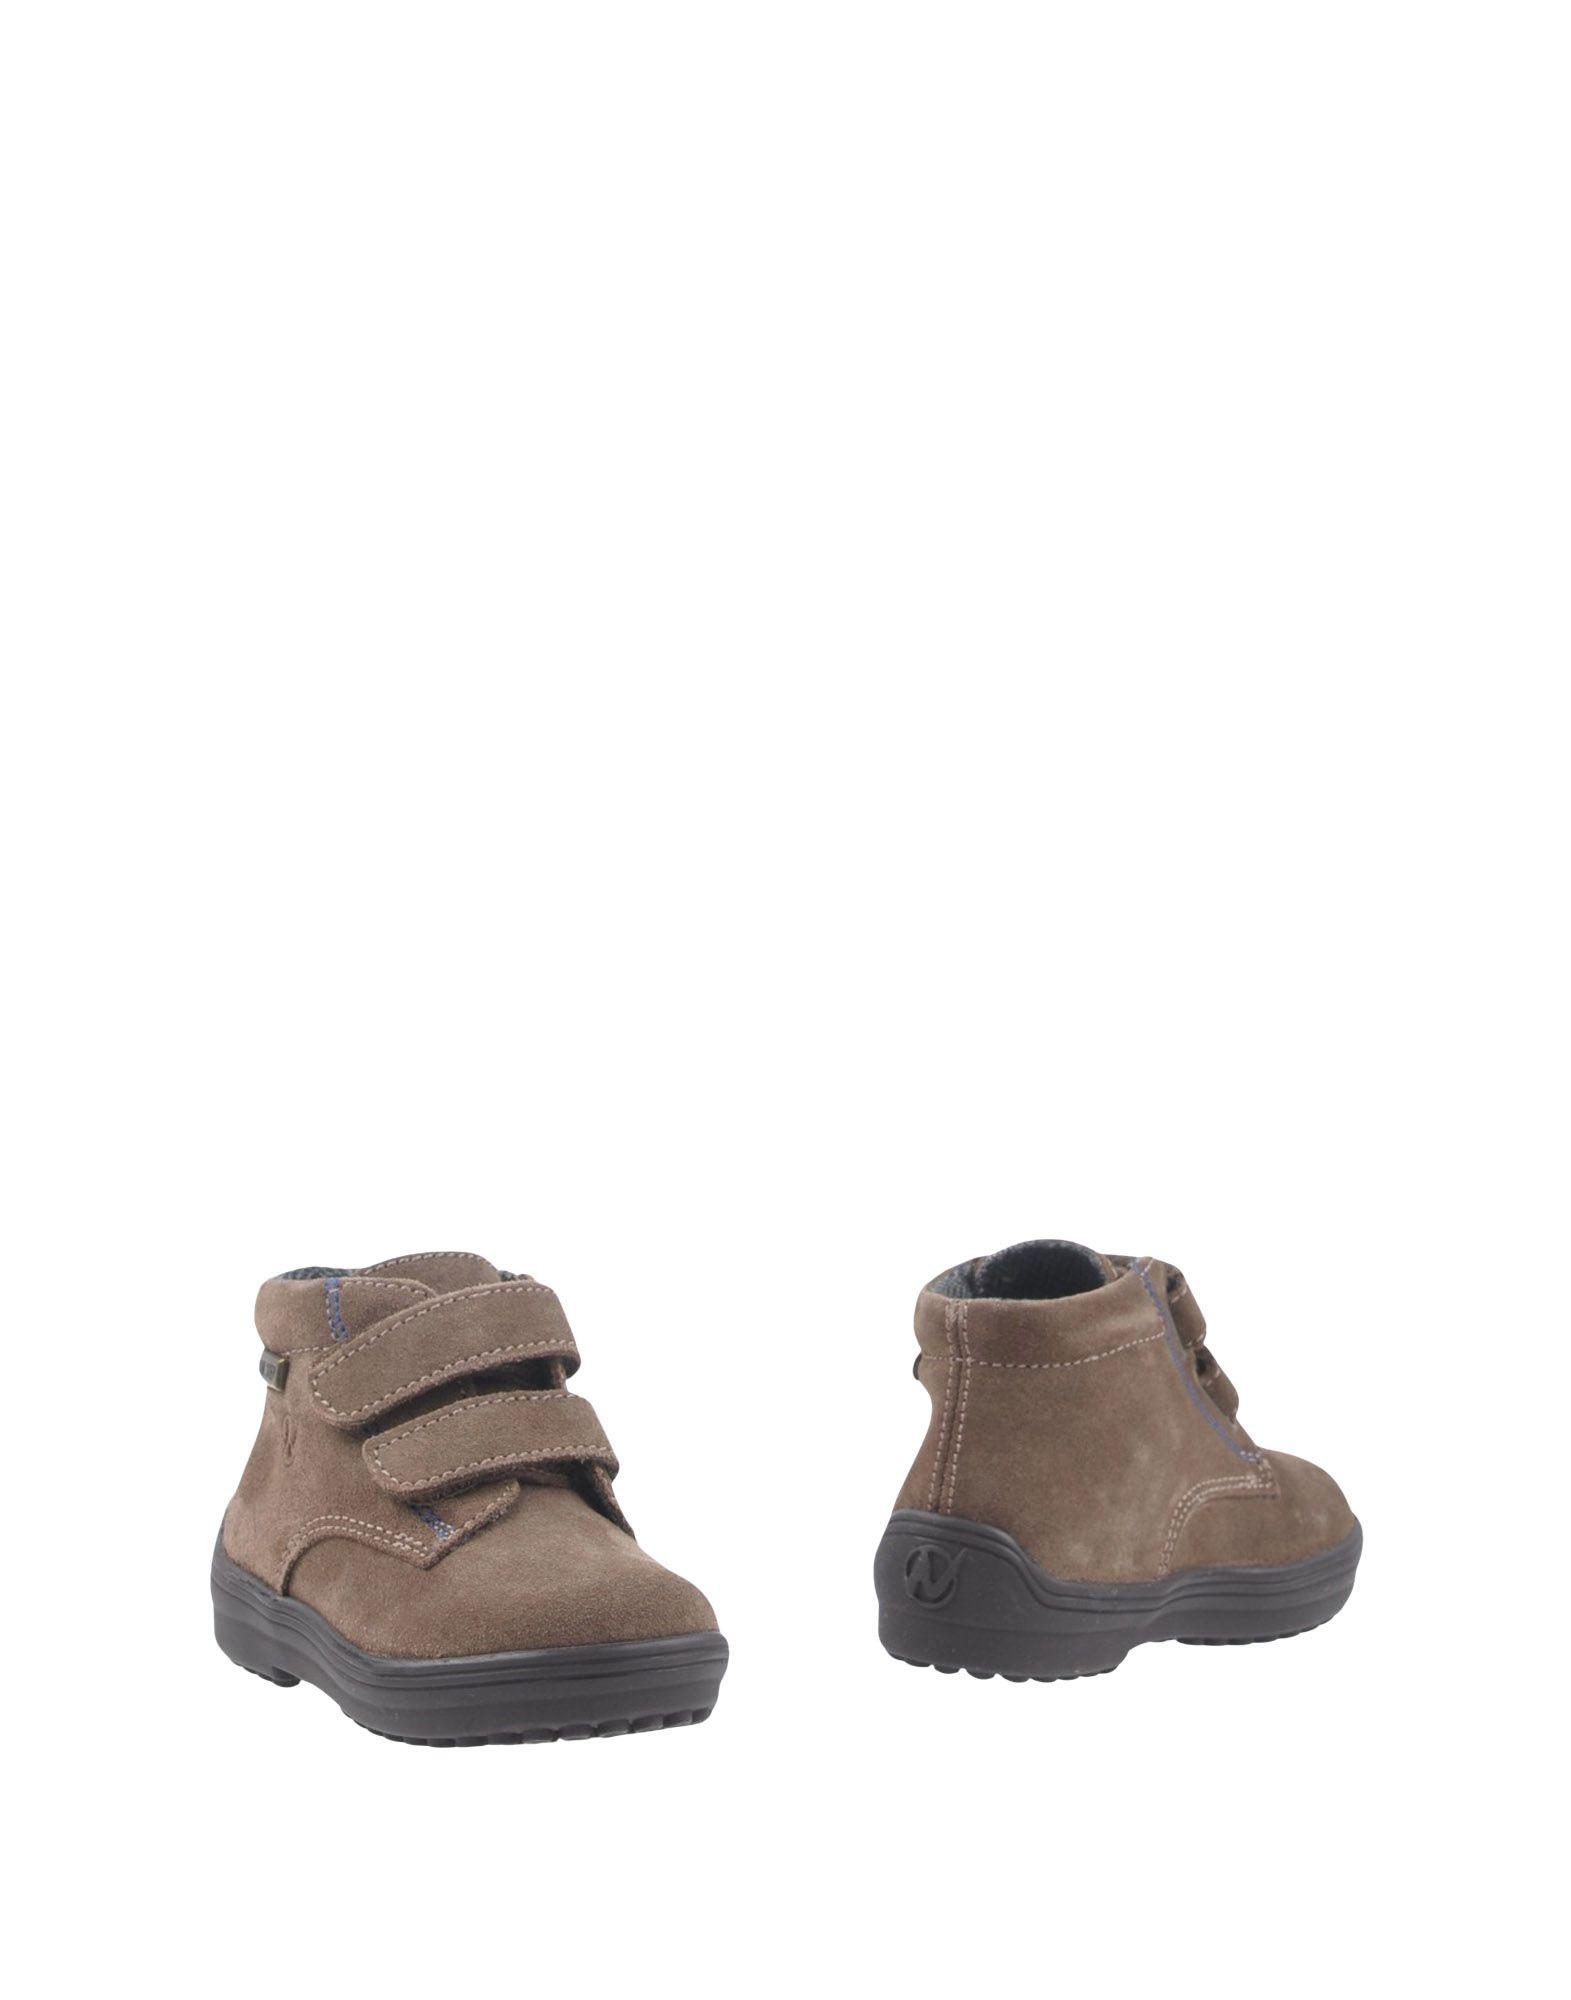 NATURINO Jungen 0-24 monate Stiefelette Farbe Khaki Größe 38